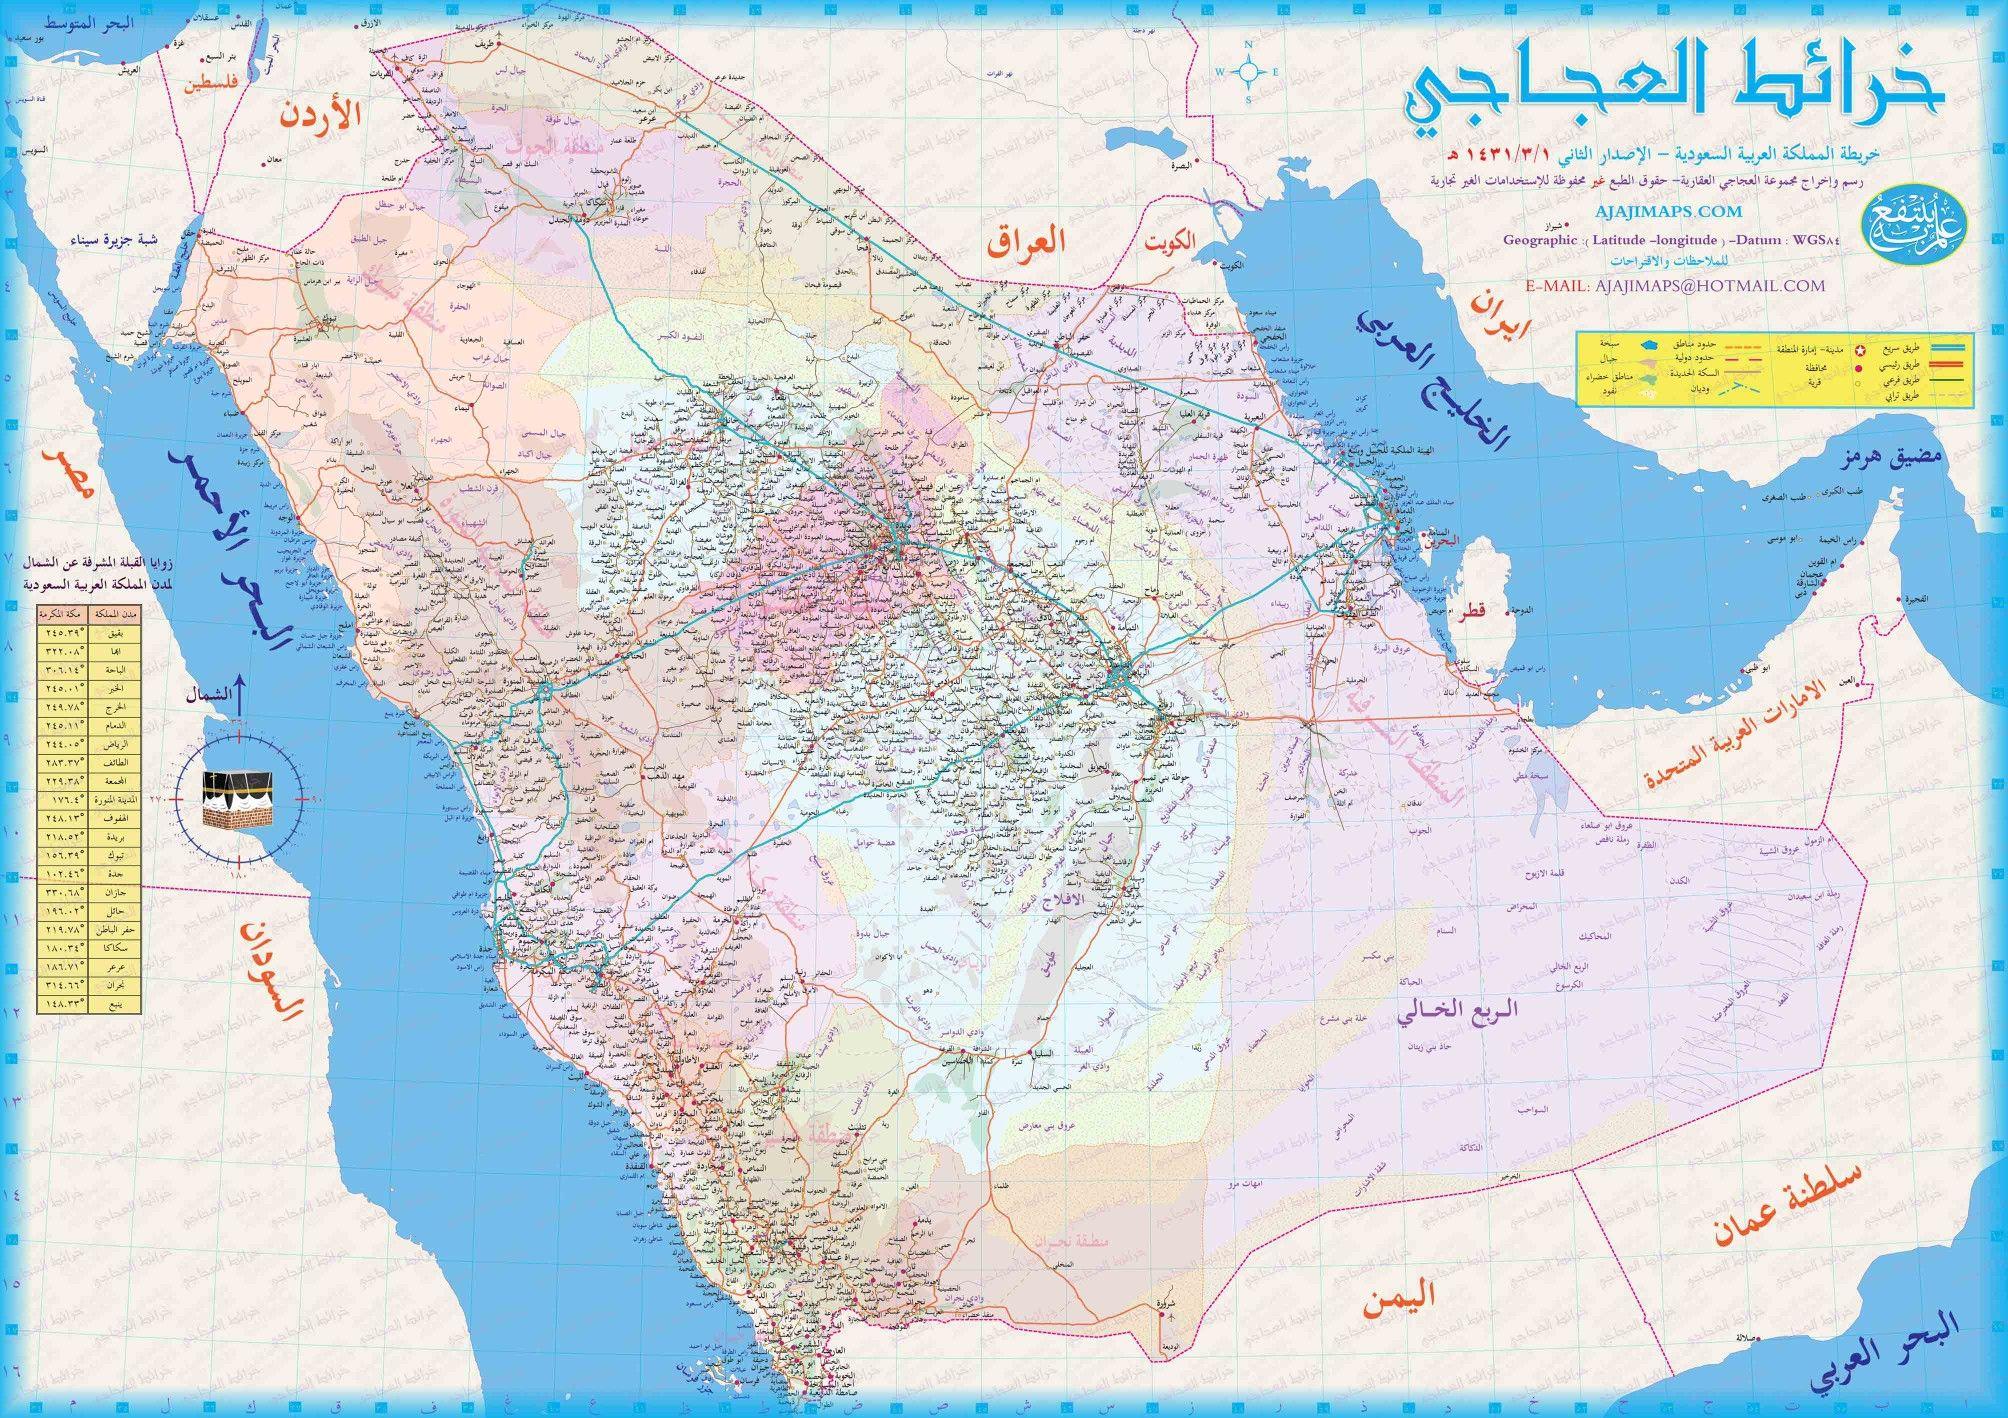 خريطة للمملكة العربية السعودية